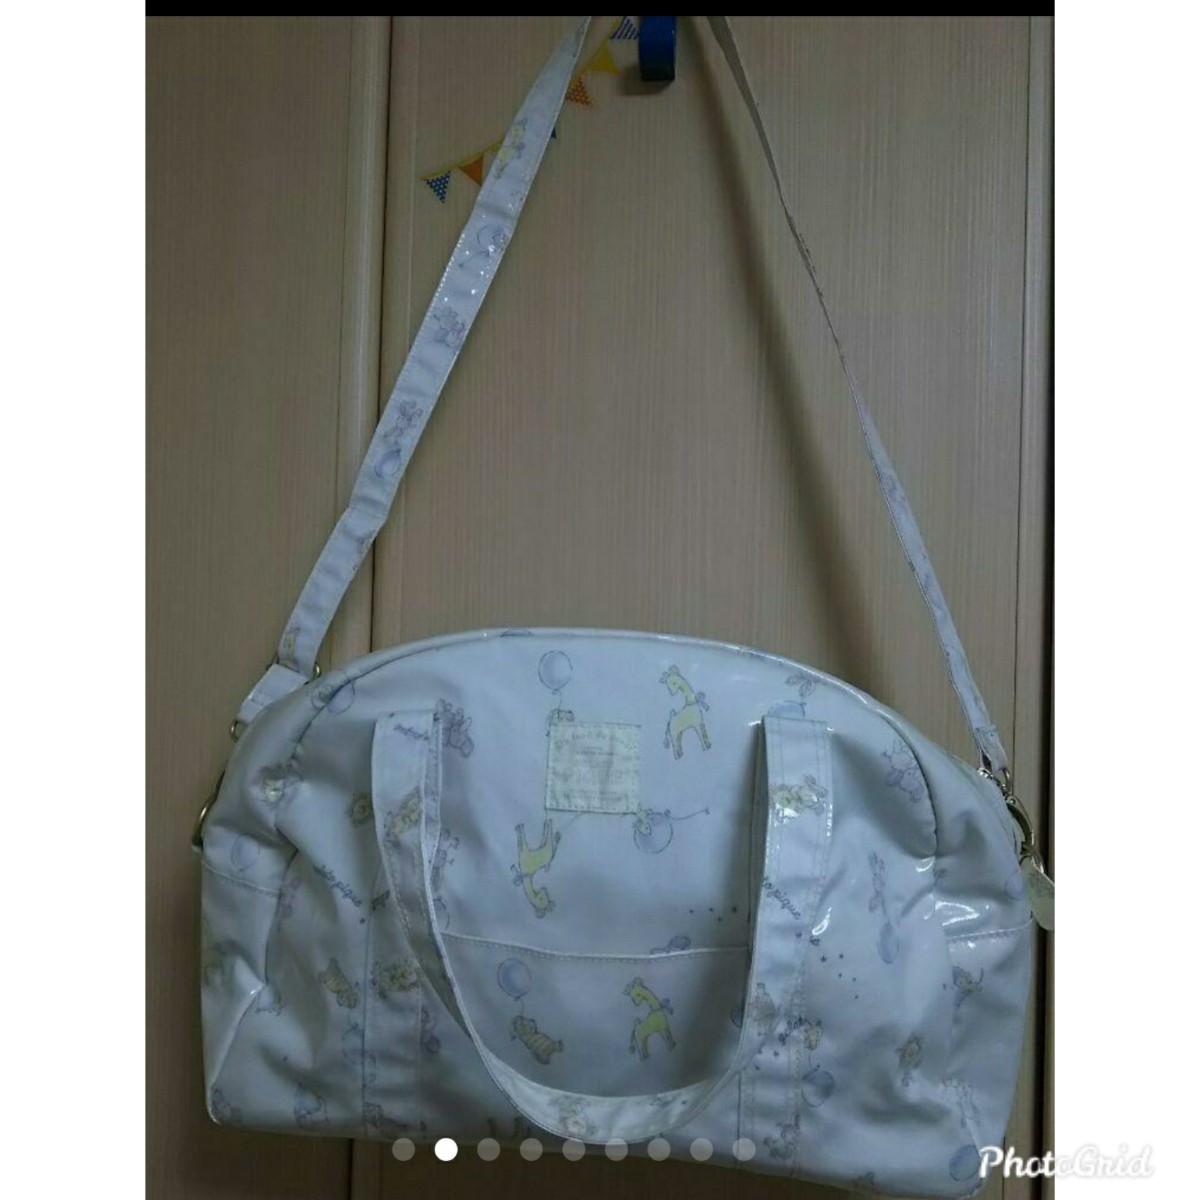 ジェラピケ マザーズバッグ 可愛い ショルダーバッグ ハンドバッグ